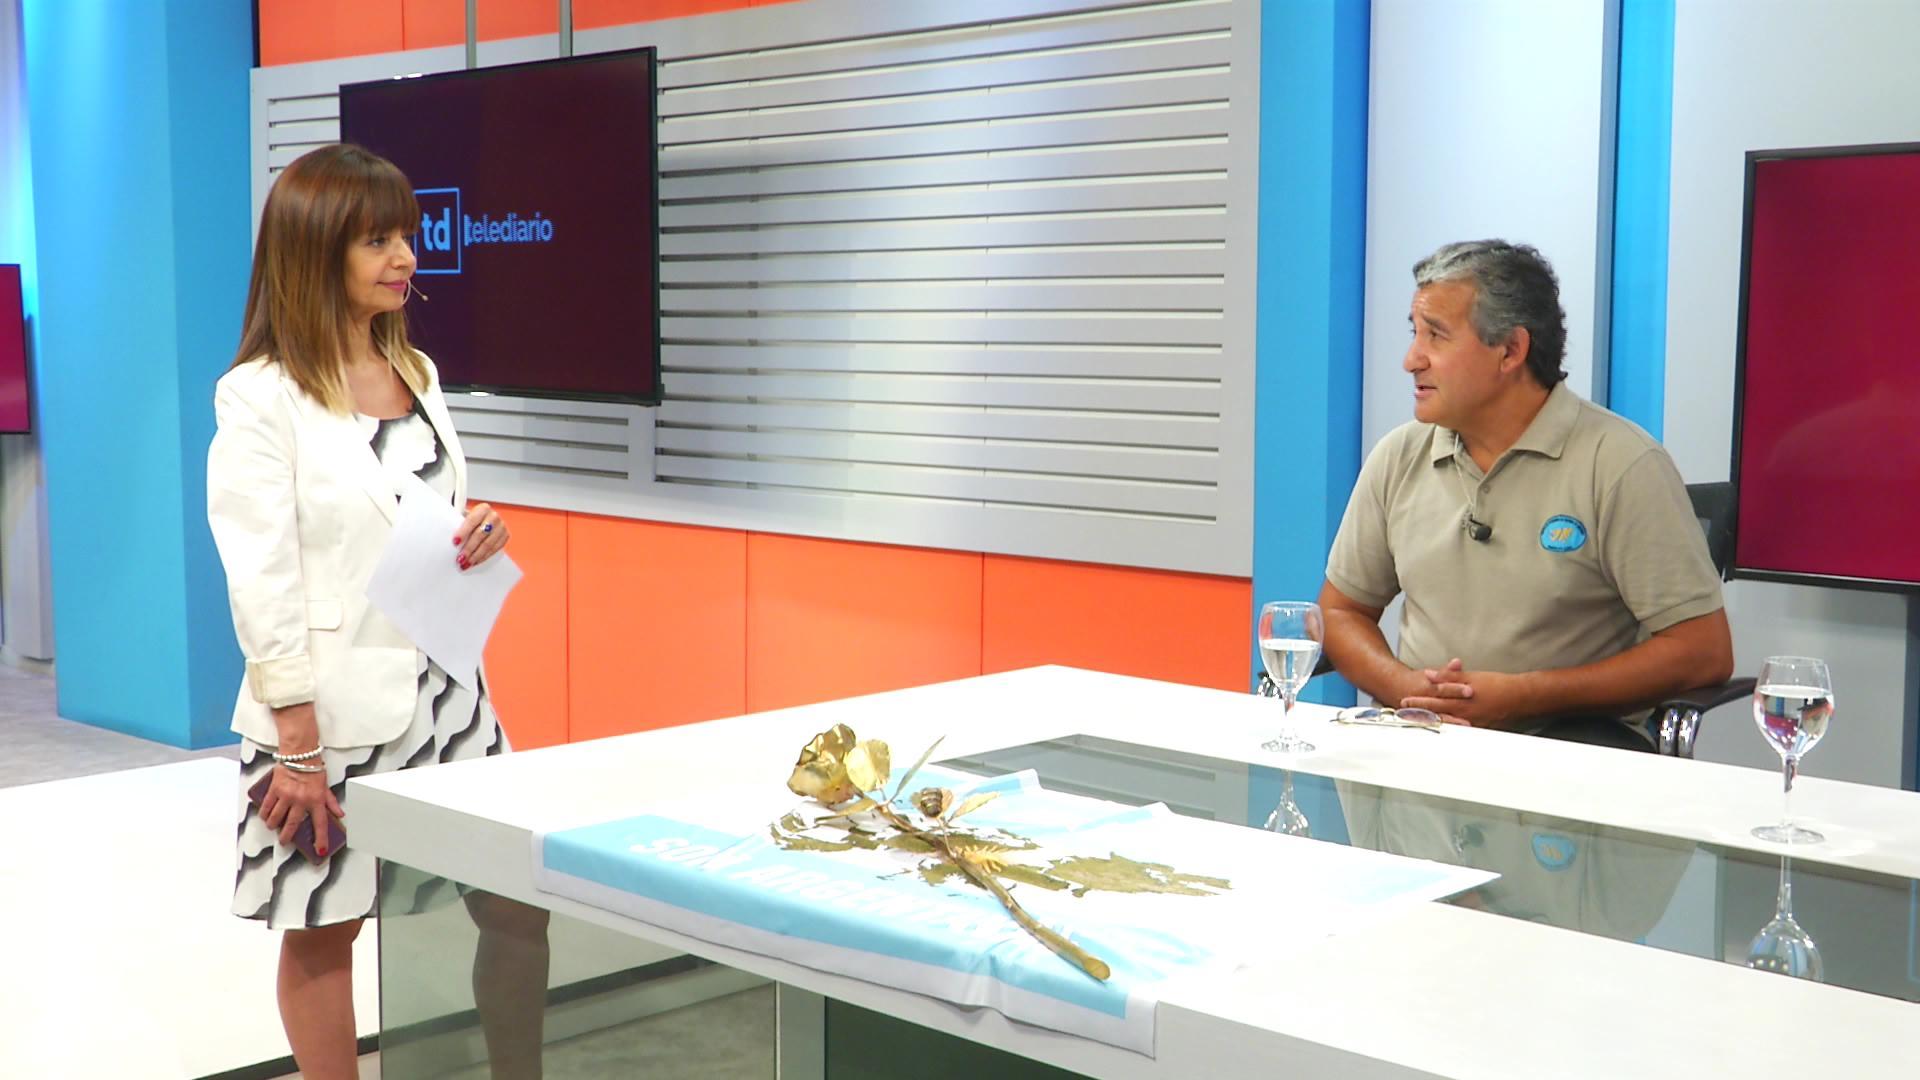 Dos rosas por la paz en Sampacho, un homenaje a los ex combatientes de Malvinas - Telediario Digital